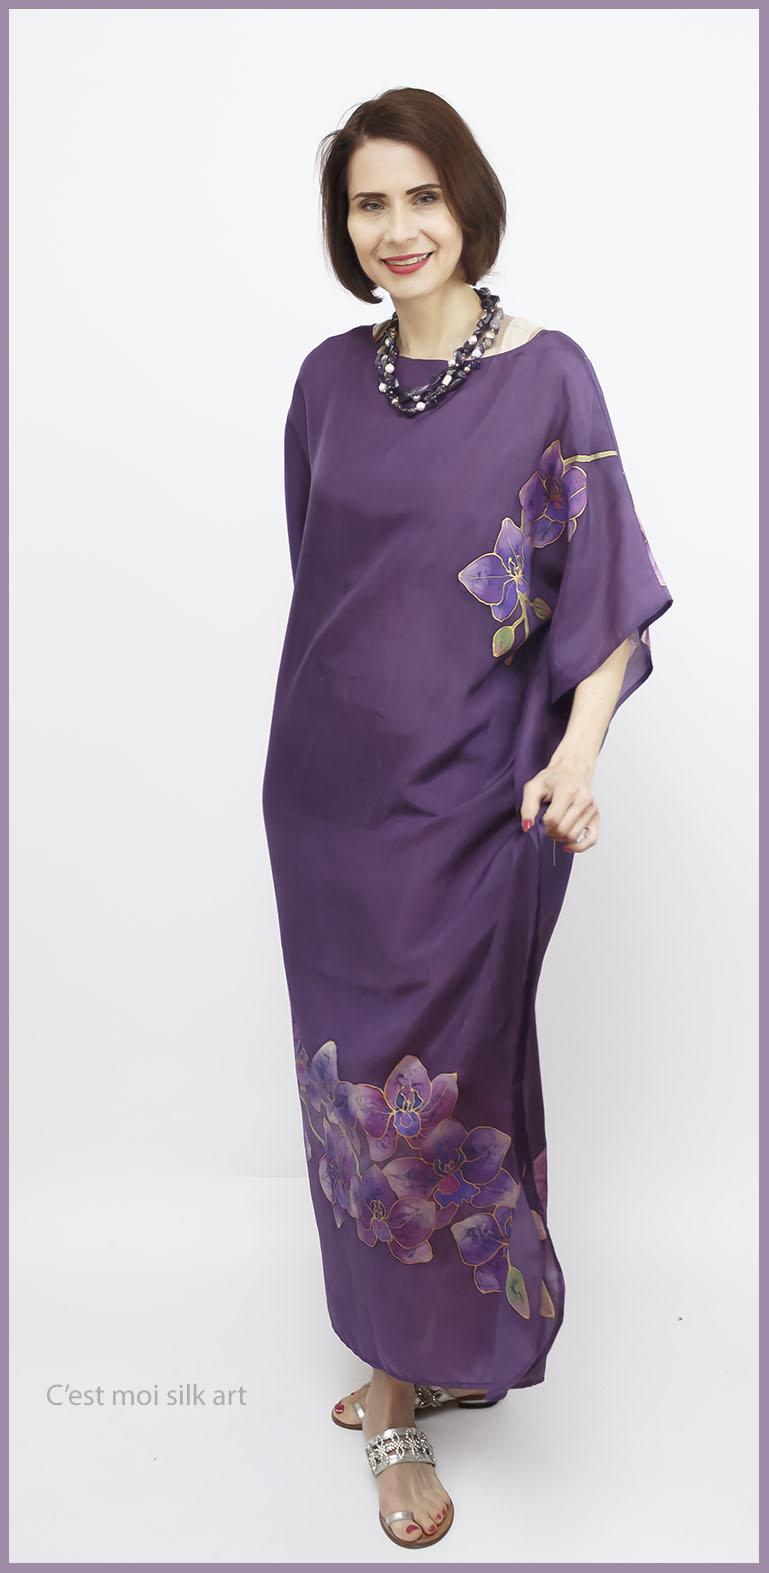 selyem ruha kézzel festett lila lótuszokkal 11